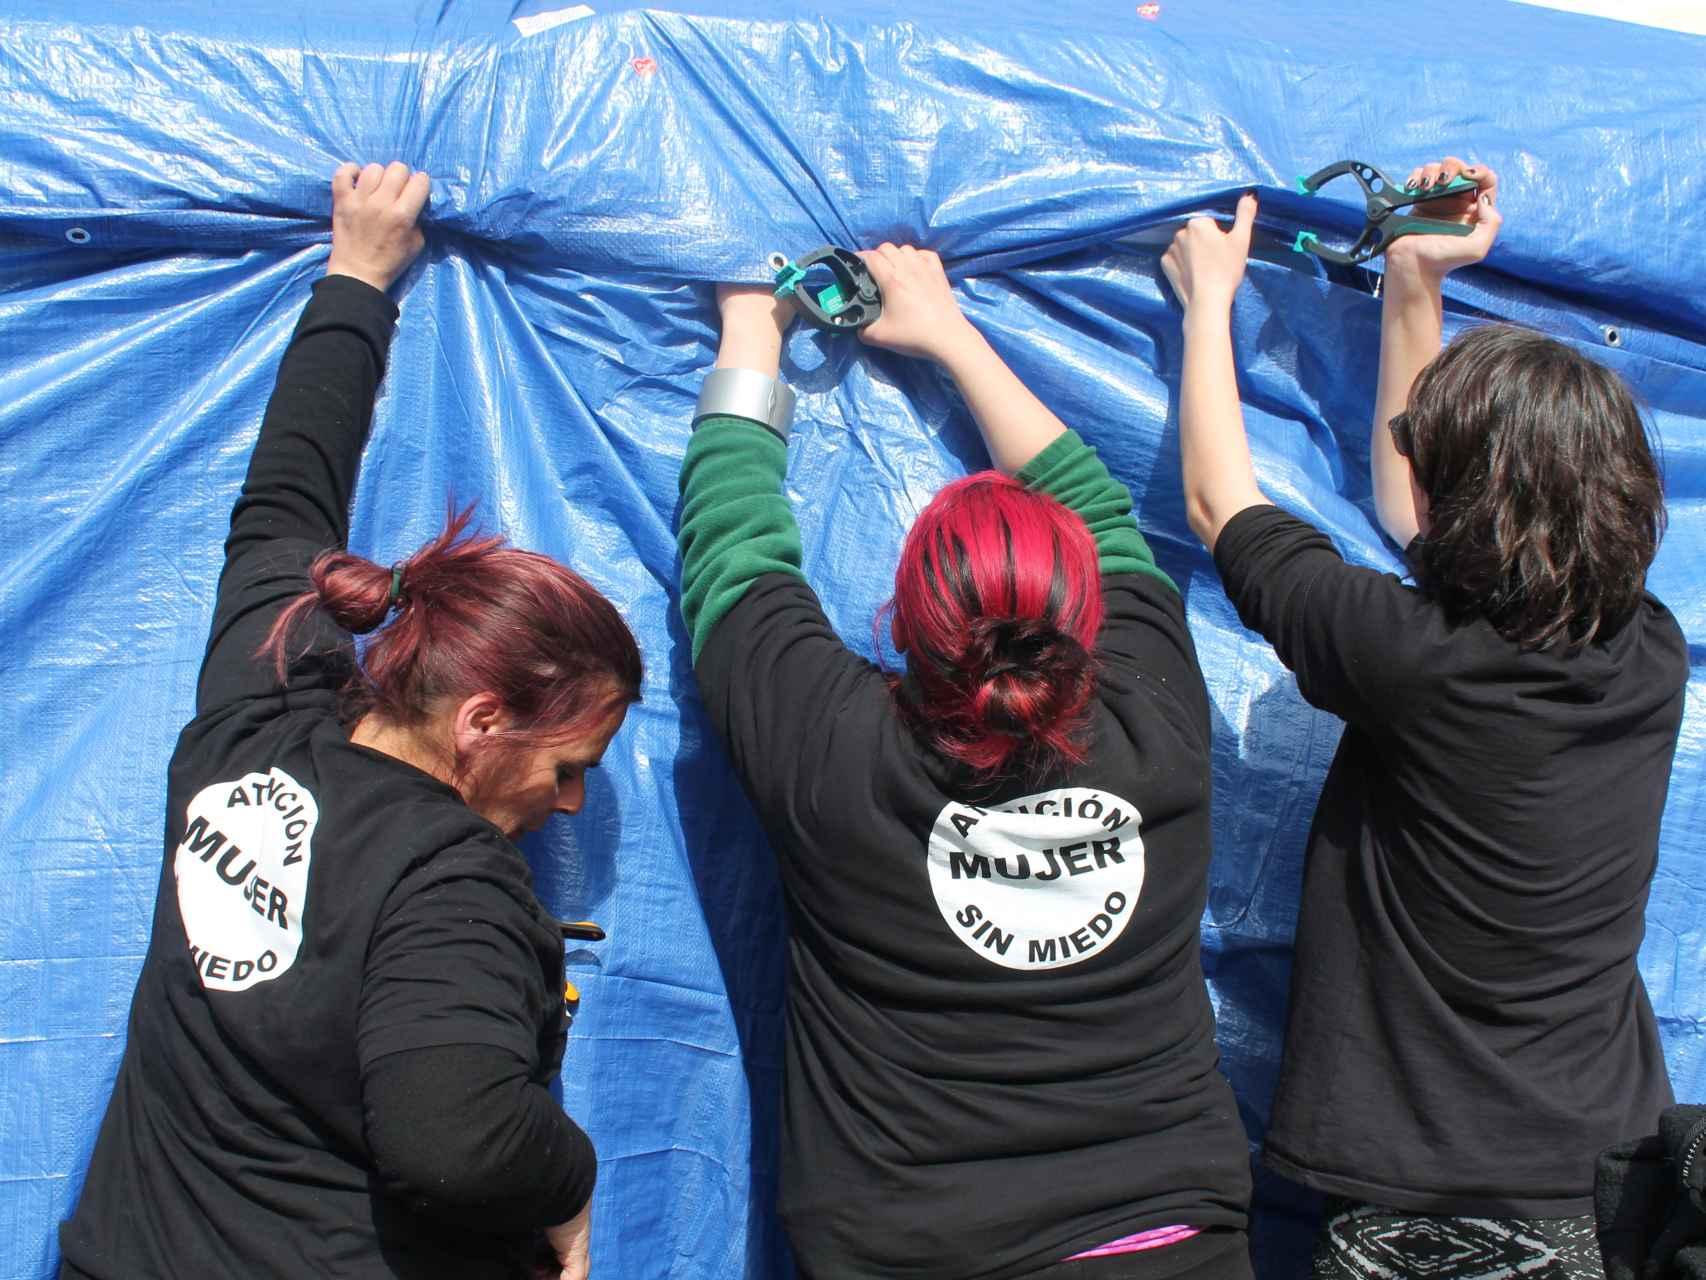 De las ocho mujeres que comenzaron la huelga de hambre quedan cuatro. También han acampado.